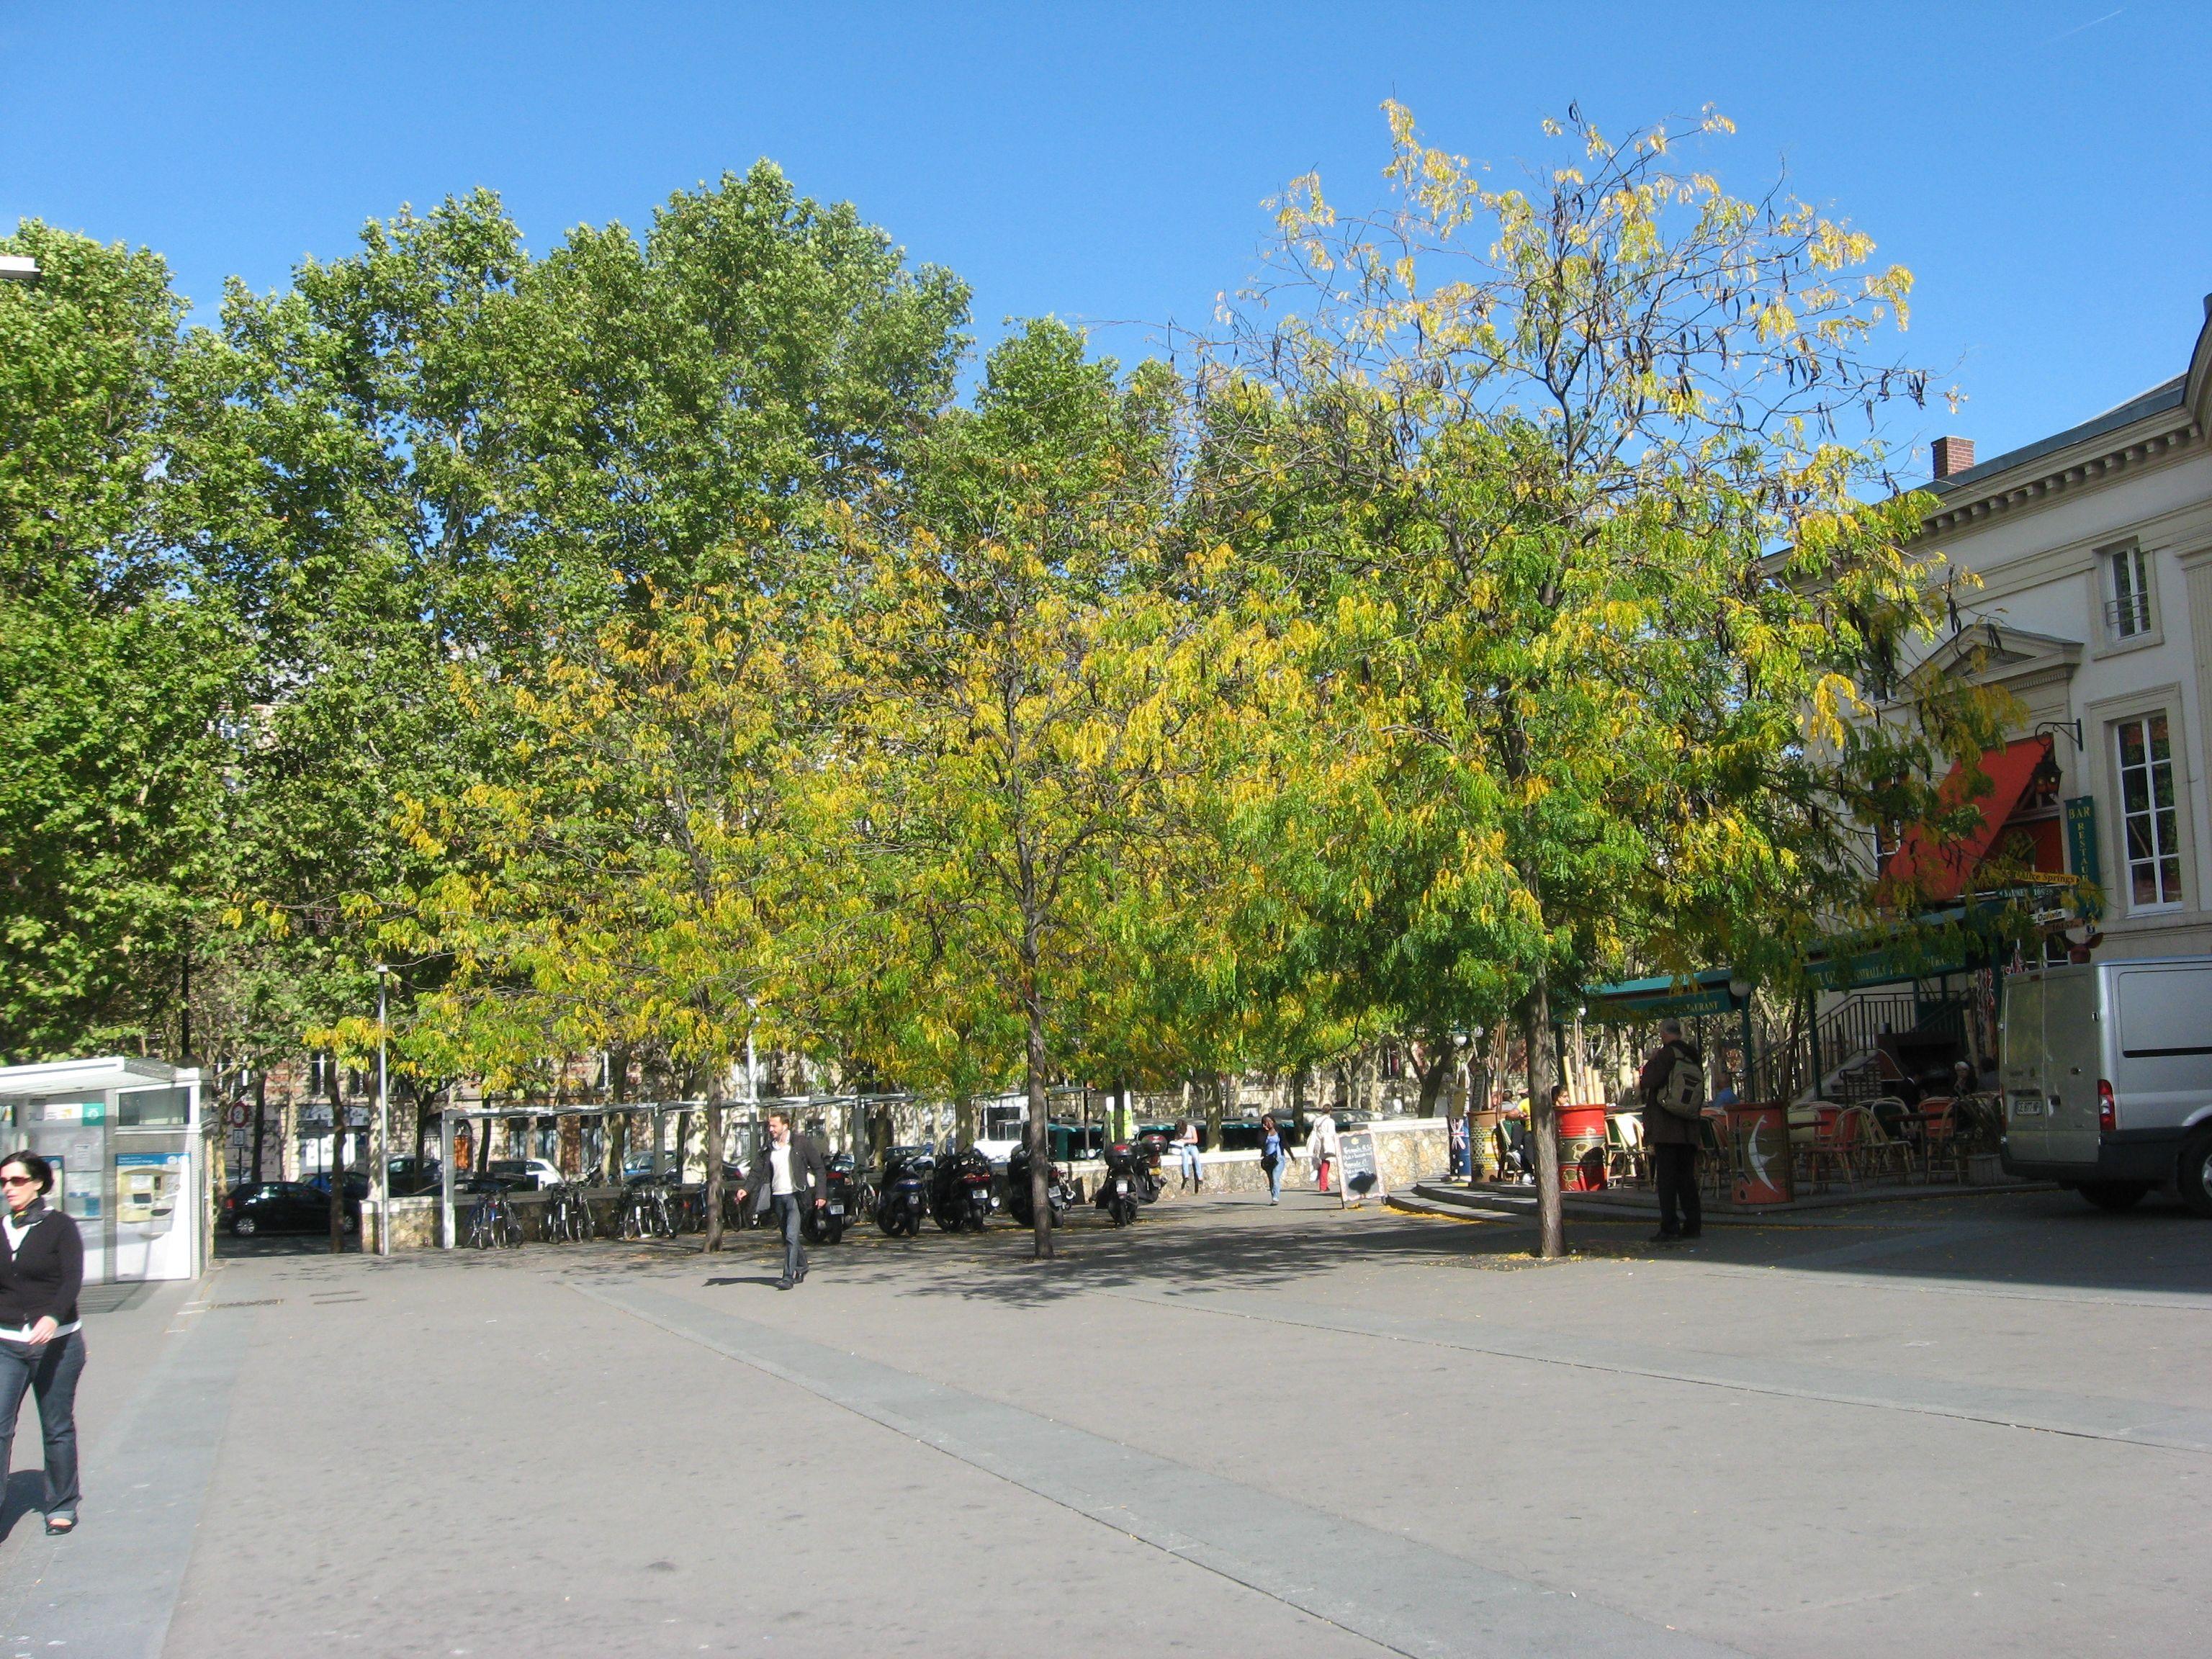 PARIS STREET TREES – The Sanguine Root